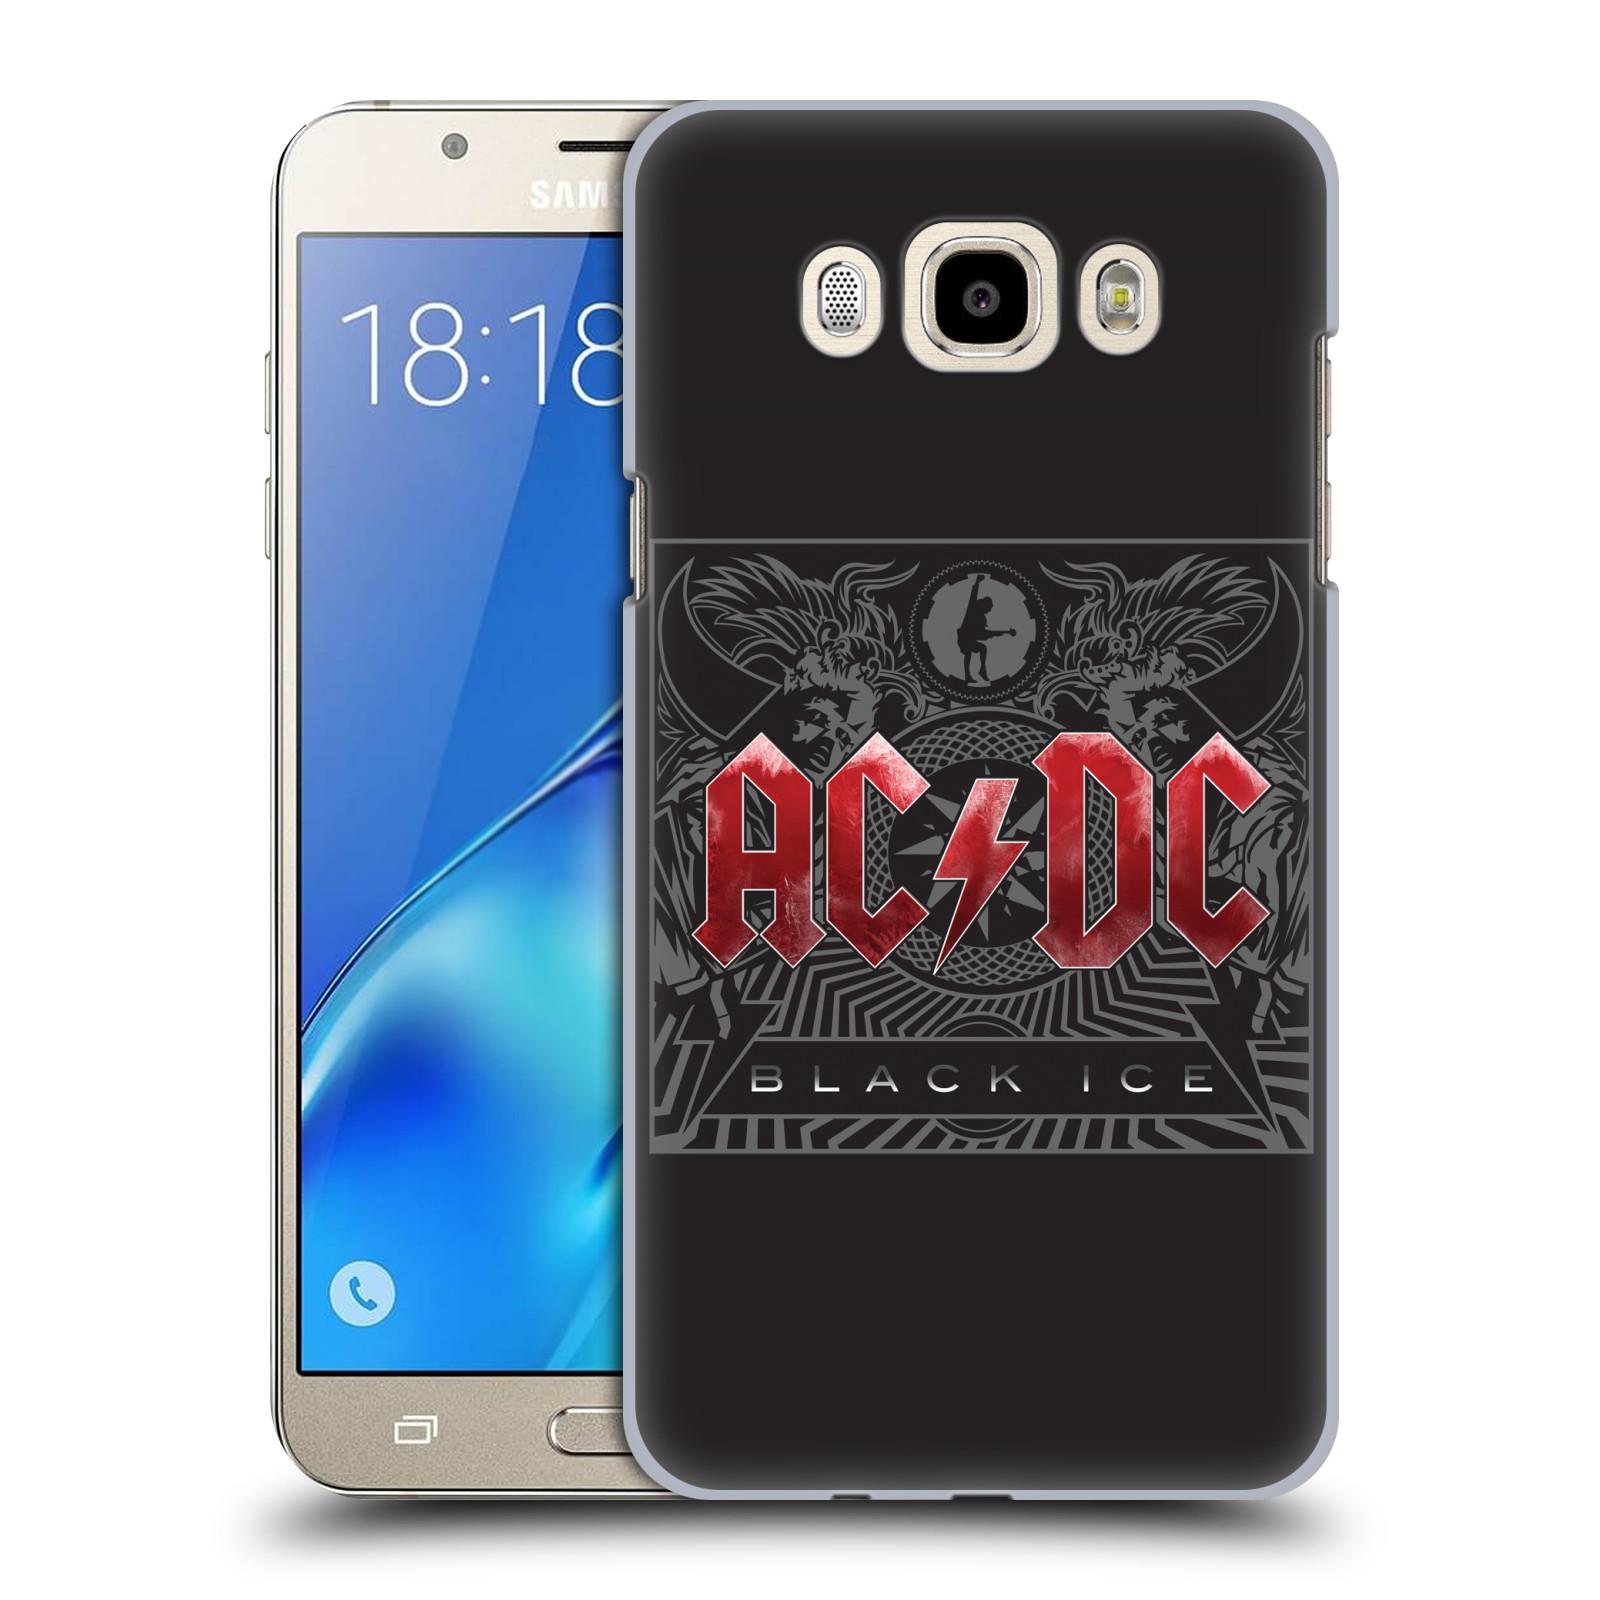 Plastové pouzdro na mobil Samsung Galaxy J7 (2016) HEAD CASE AC/DC Black Ice (Plastový kryt či obal na mobilní telefon s oficiálním motivem australské skupiny AC/DC pro Samsung Galaxy J7 (2016) SM-J710F)